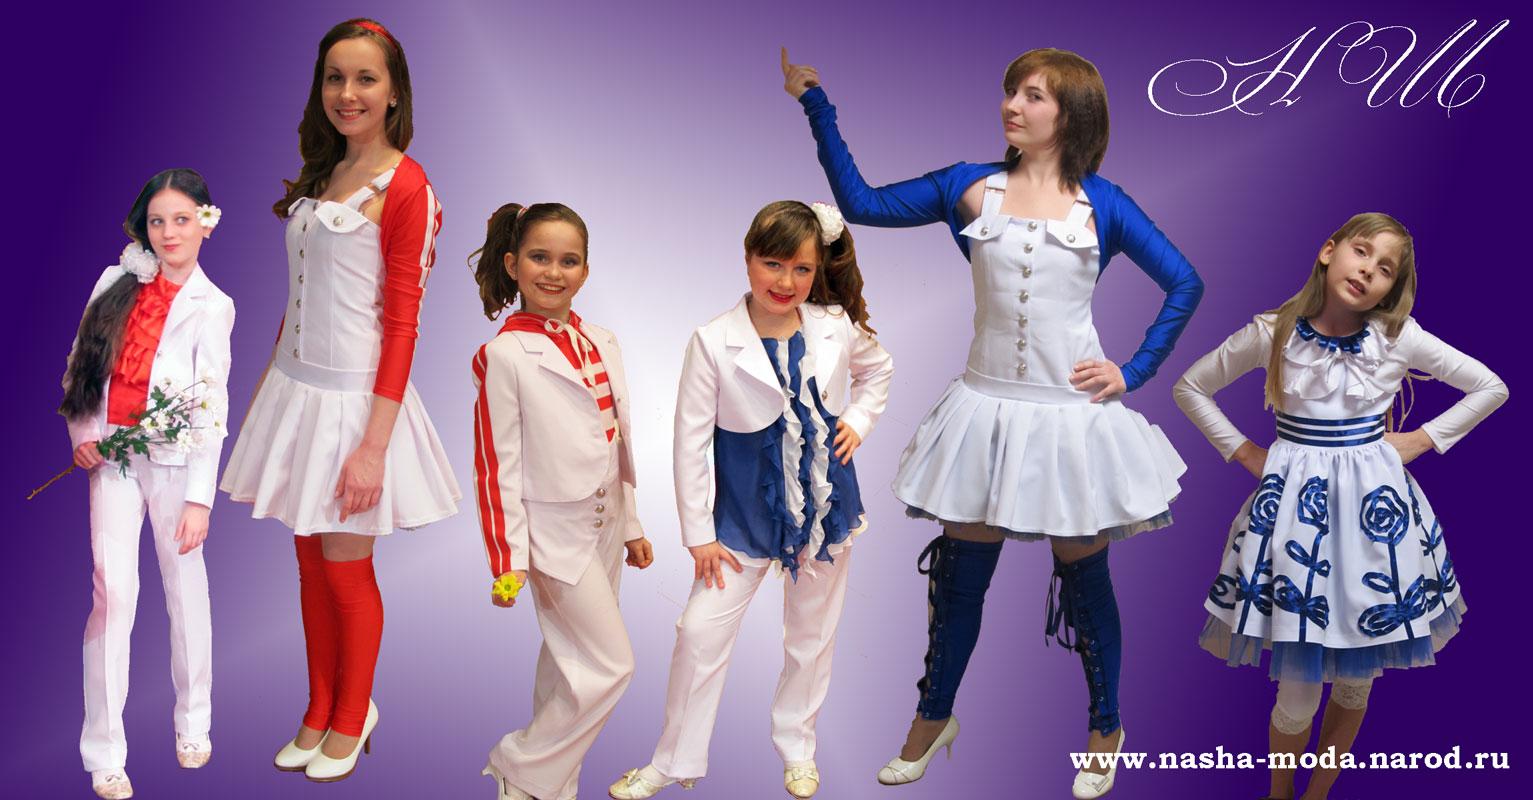 Фото концертных костюмов для детей